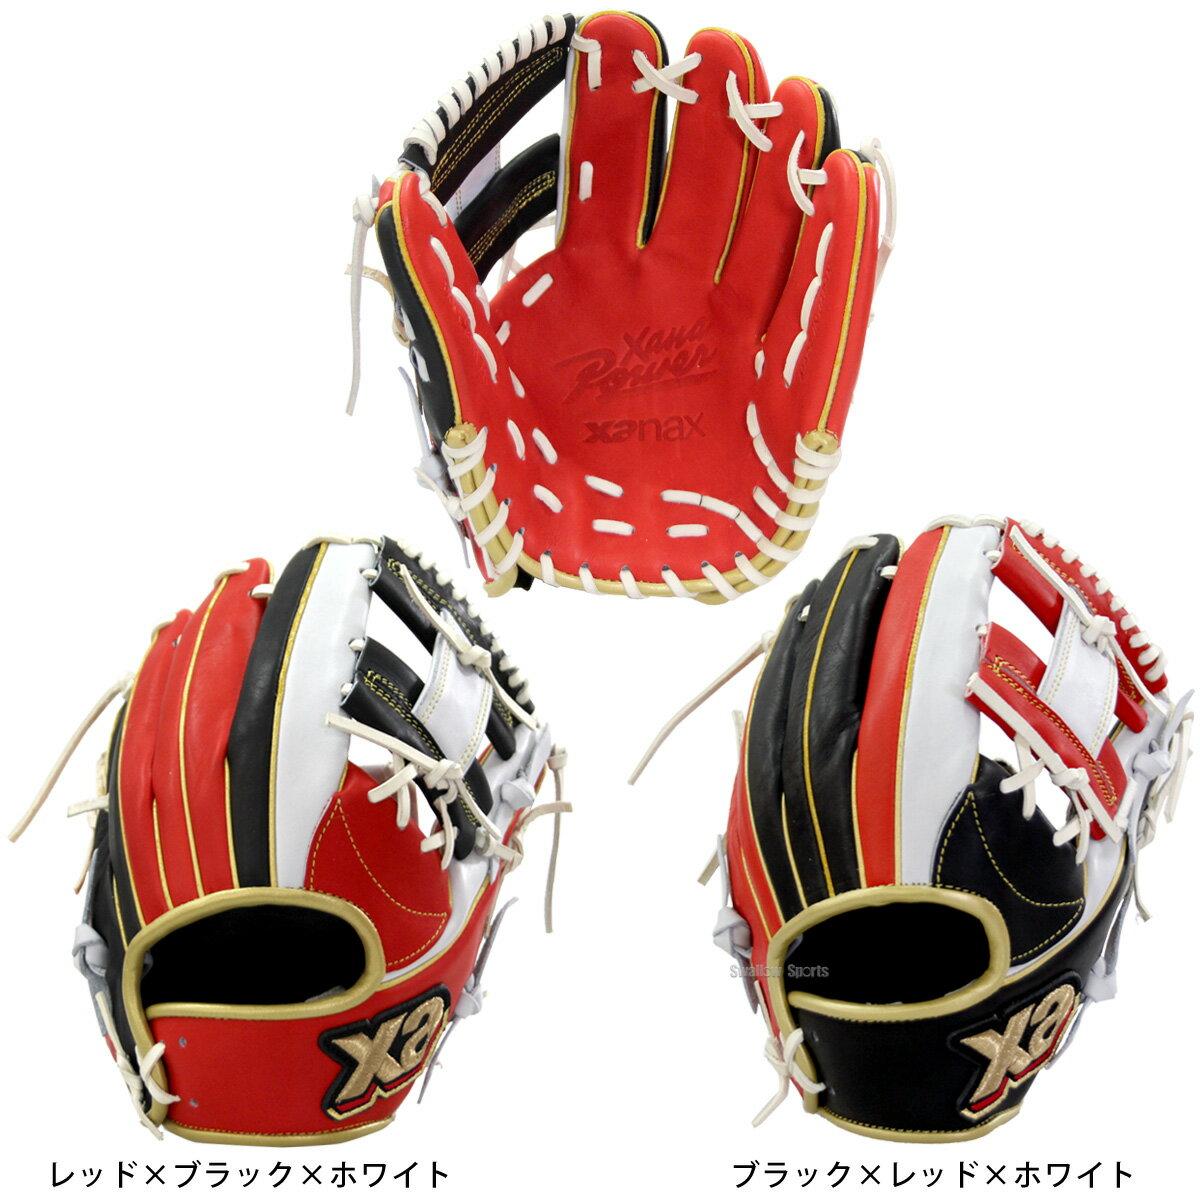 数量限定 ザナックス グローブ グラブ ザナパワー 軟式 内野手用 BRG-6317S軟式用 グローブ 野球用品 スワロースポーツ